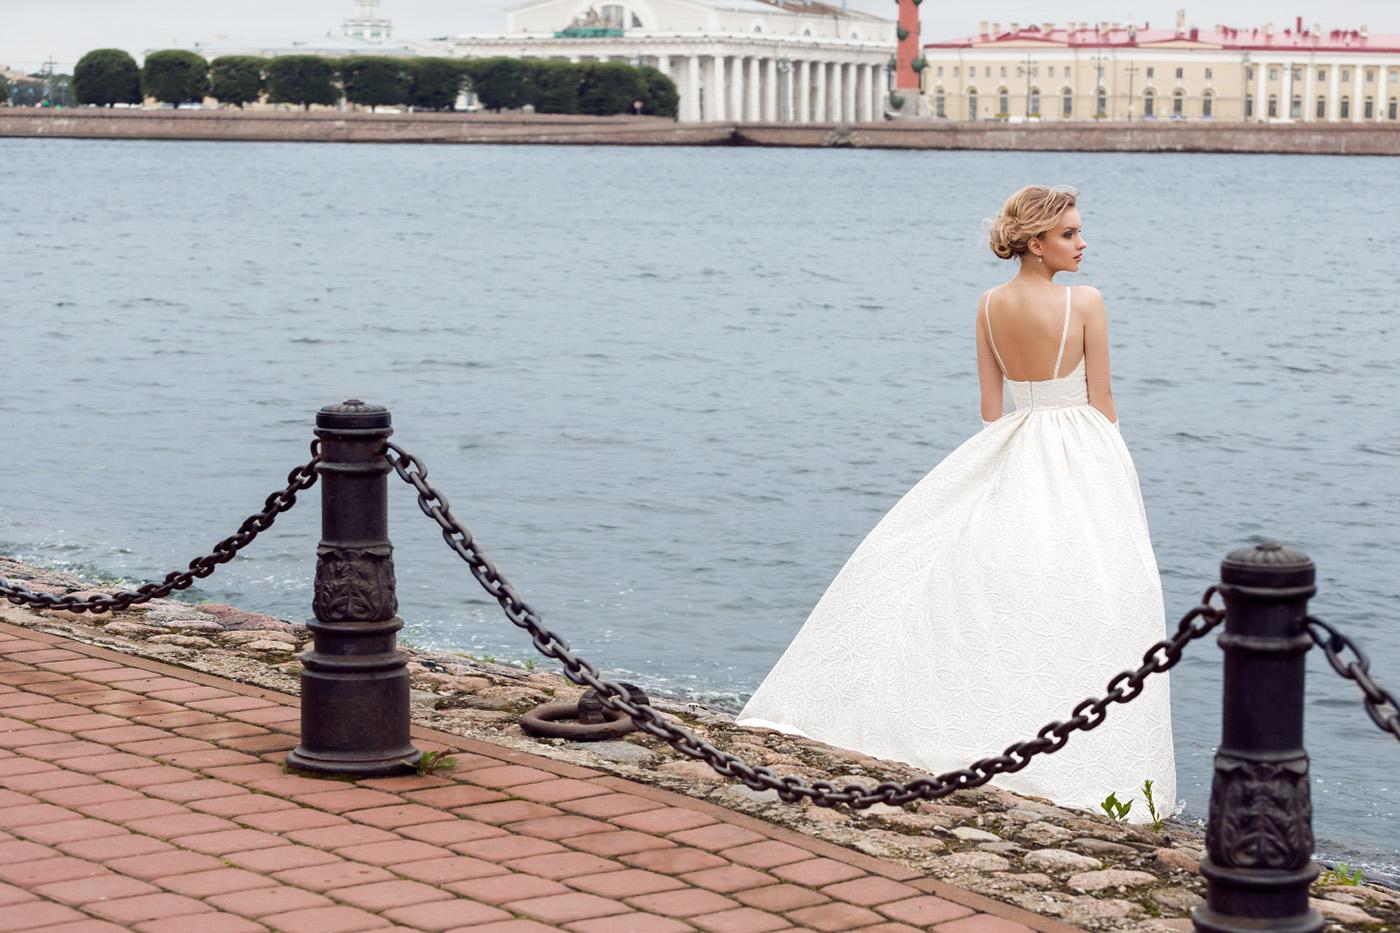 коллекция свадебных платьев Kookla 2017 / фото Андрей Яковлев - Лили Алеева